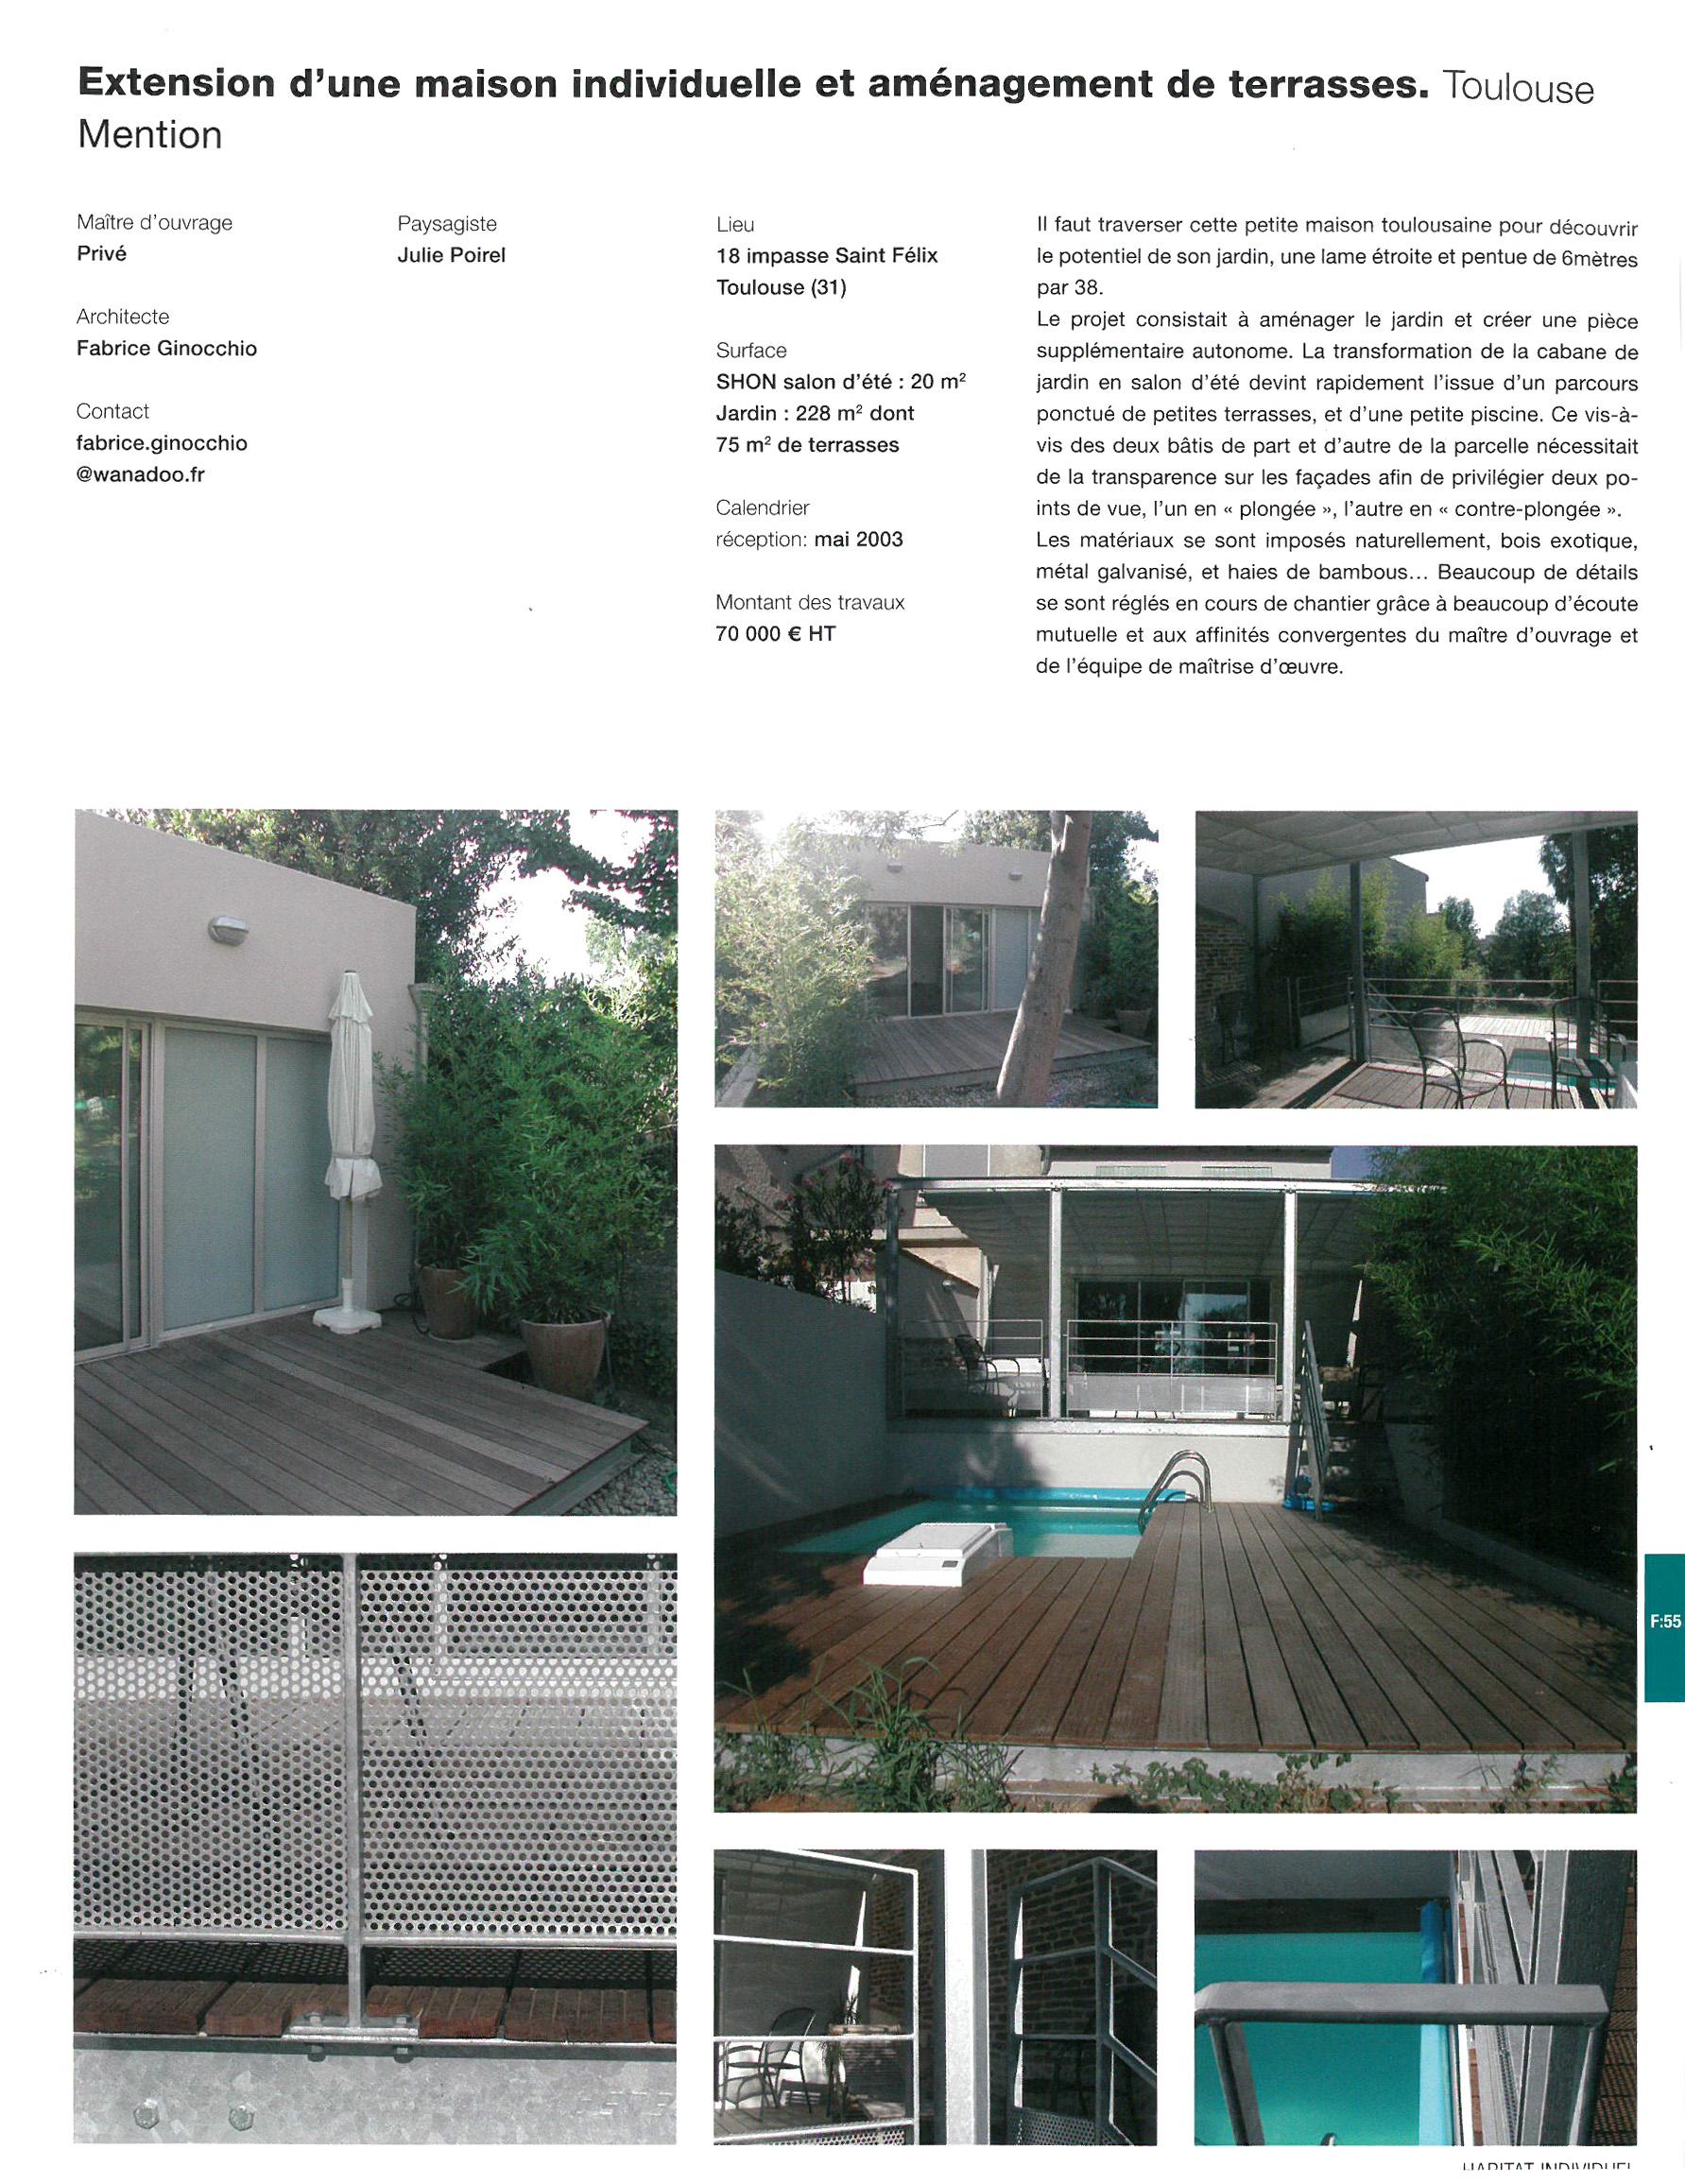 Architecte Paysagiste Midi Pyrénées publications et prix - fabrice ginocchio